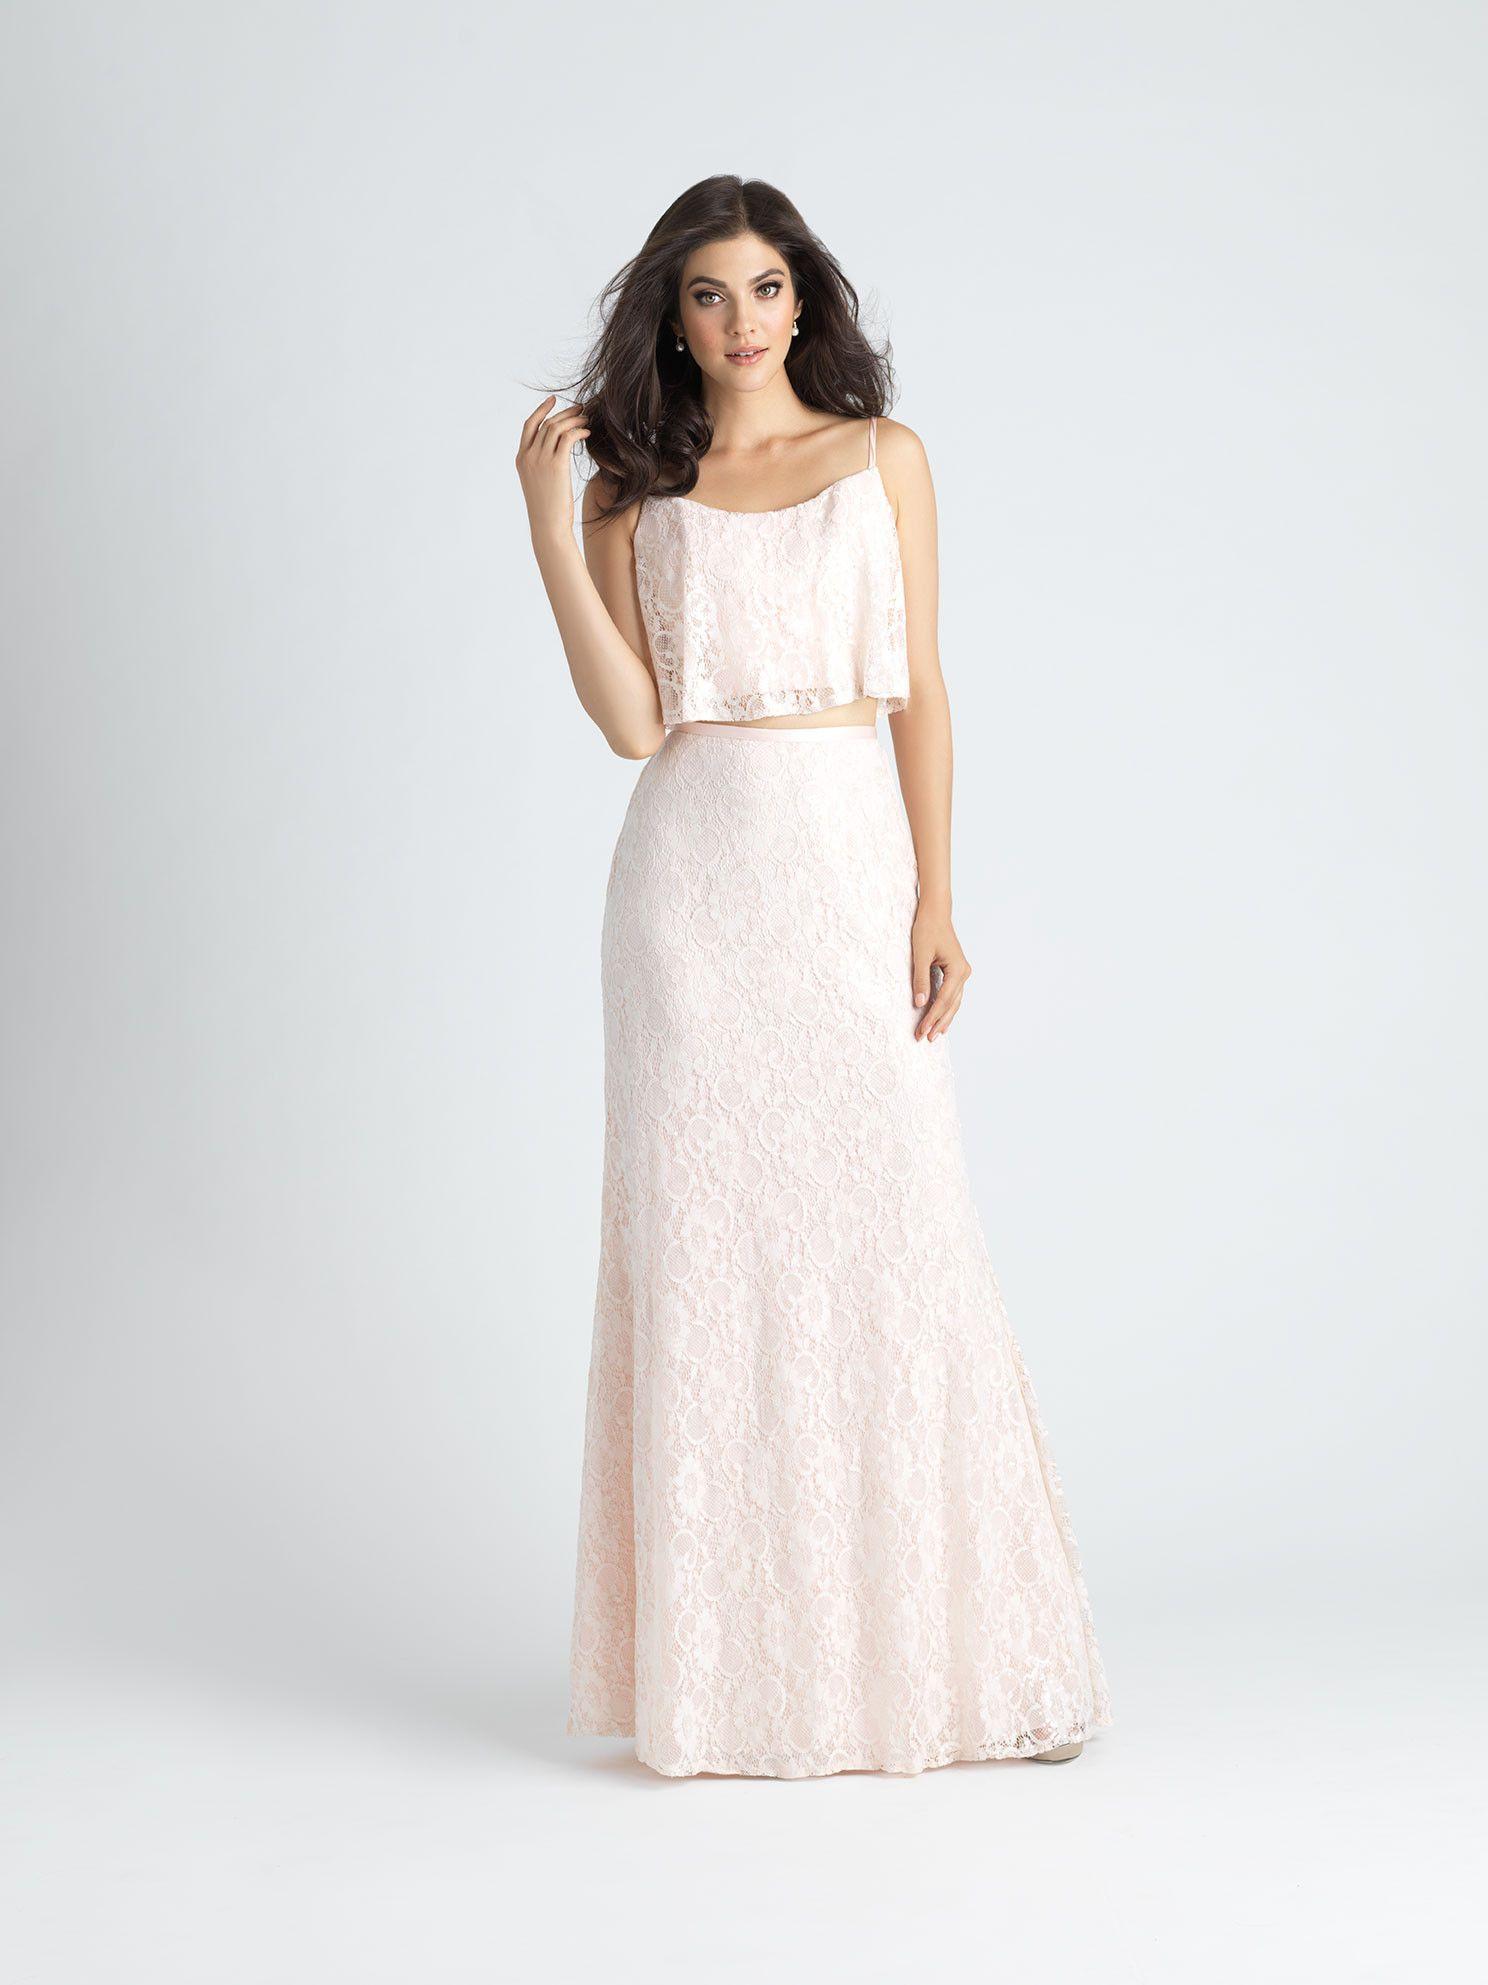 Allure Bridesmaid 1526T TOP Allure Bridesmaids